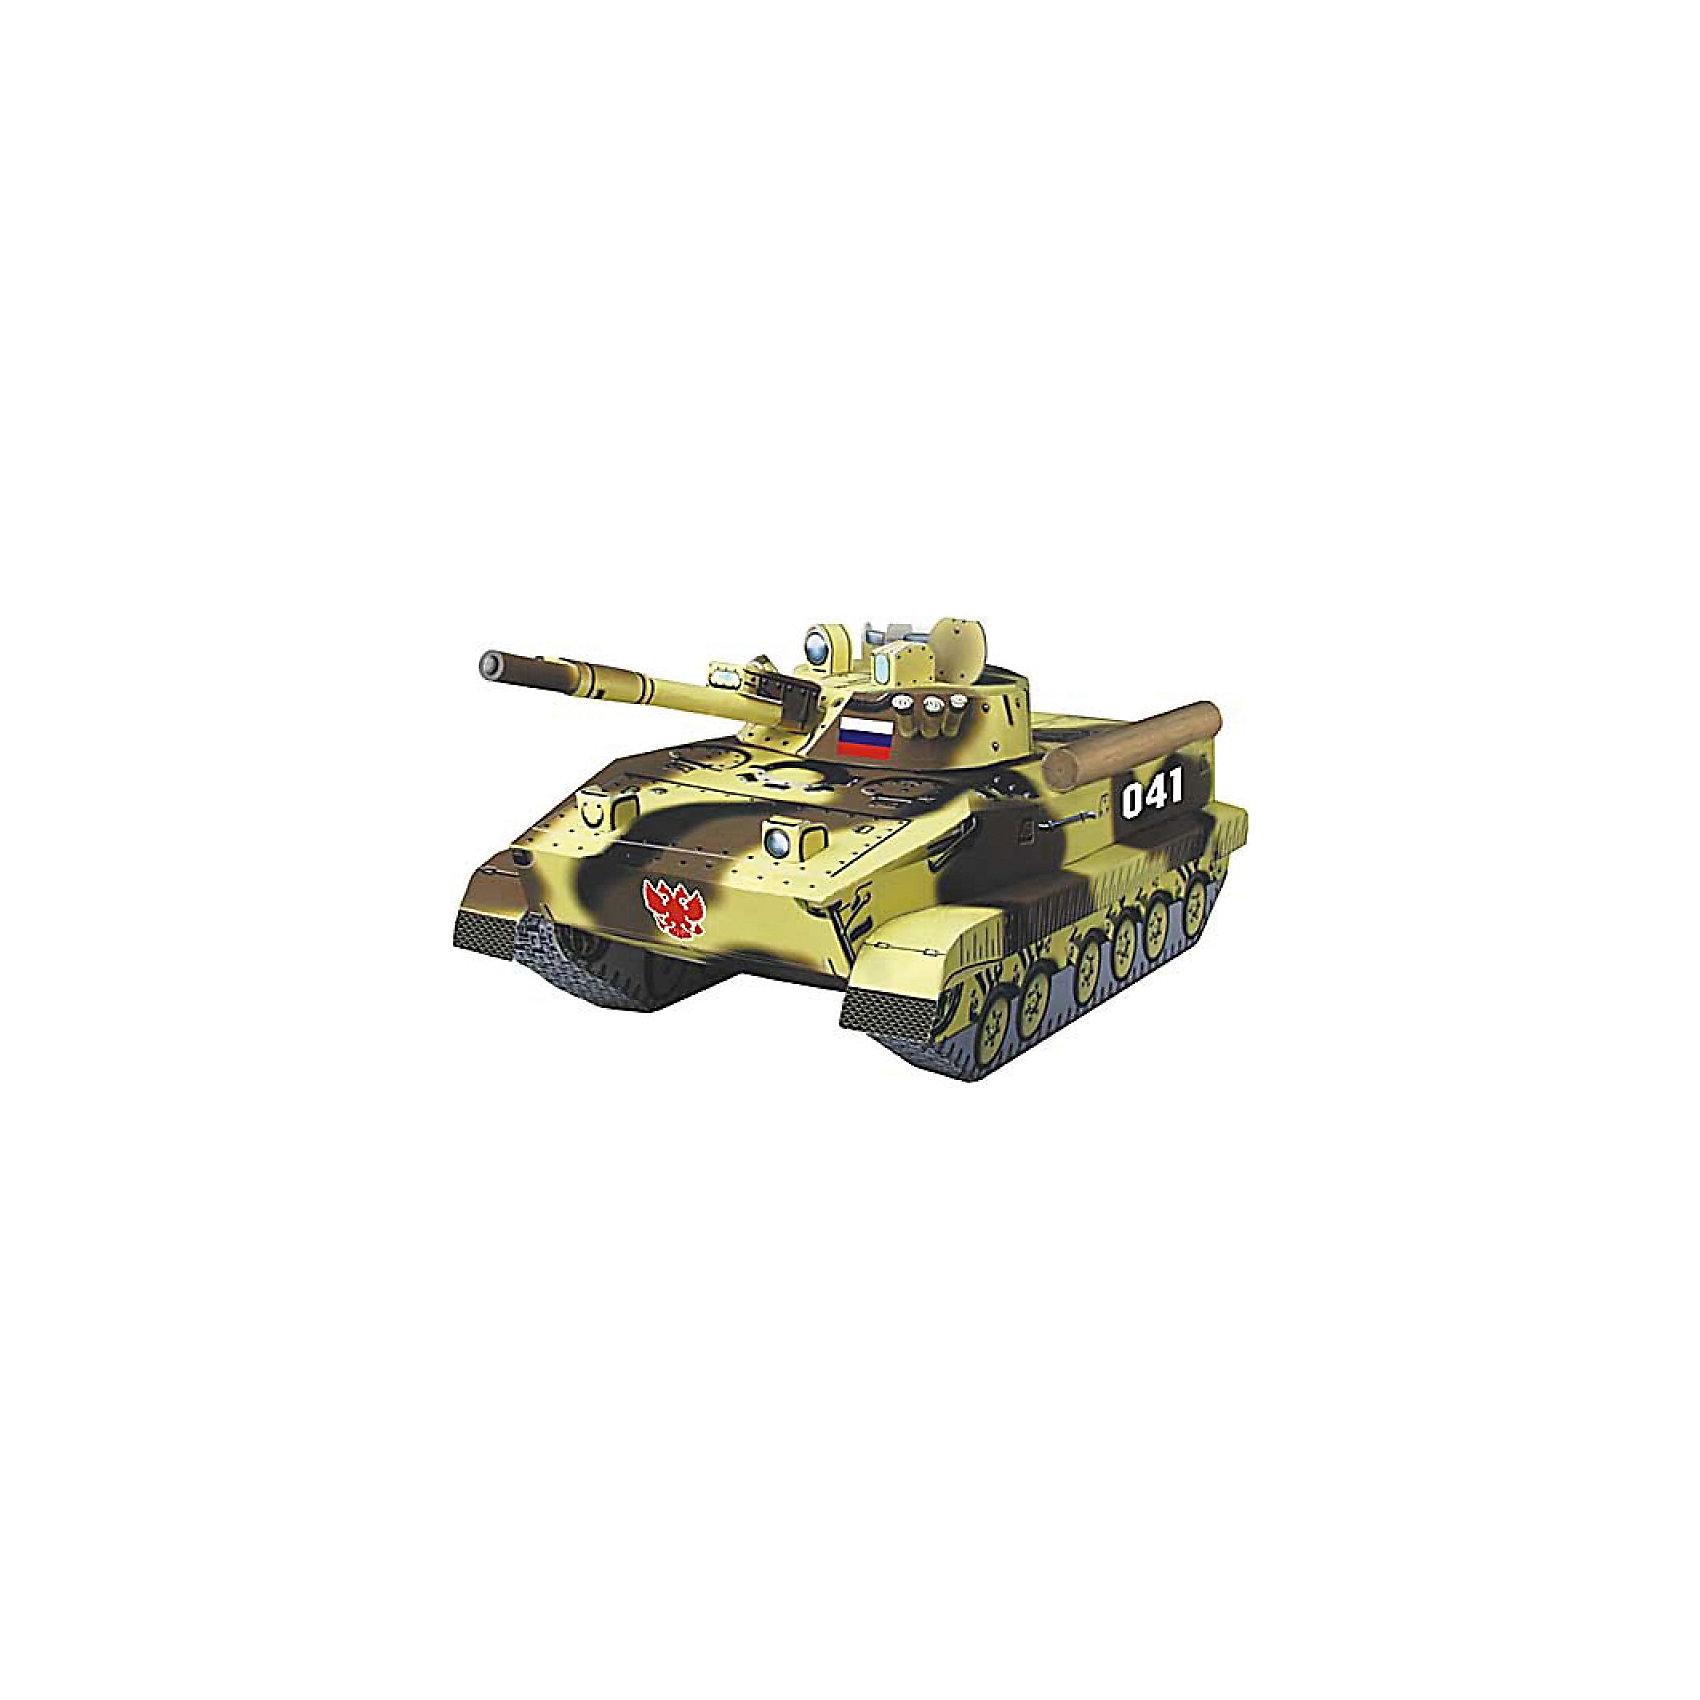 Сборная модель БМП 3БМП-3 (Боевая Машина Пехоты-3) — боевая бронированная гусеничная машина, предназначенная для транспортировки личного состава, повышения его мобильности, вооружённости и защищённости на поле боя в условиях применения ядерного оружия и совместных действий с танками в бою. Высокая степень детализации и реалистичные детали делают сборку конструктора очень интересным занятием. Принцип соединения деталей запатентован: все соединения разработаны и рассчитаны с такой точностью, что с правильно собранной игрушкой можно играть, как с обычной. Конструирование увлекательный и полезный процесс, развивающий мелкую моторику, внимание, усидчивость, пространственное мышление и фантазию. <br>Все сборные модели «Умная Бумага» разрабатываются на основе чертежей и фотографий оригинала. В их оформлении широко используются современные способы обработки бумаги для передачи рельефности поверхности, а для имитации хромированных и золоченых элементов применяется тиснение фольгой.<br><br><br>Дополнительная информация:<br><br>- Материал: картон.<br>- Масштаб: 1:35 <br>- Размер упаковки: 30х21 см.<br><br>Сборную модель Сборная модель БМП 3 можно купить в нашем магазине.<br><br>Ширина мм: 218<br>Глубина мм: 331<br>Высота мм: 2<br>Вес г: 60<br>Возраст от месяцев: 72<br>Возраст до месяцев: 168<br>Пол: Мужской<br>Возраст: Детский<br>SKU: 4697719